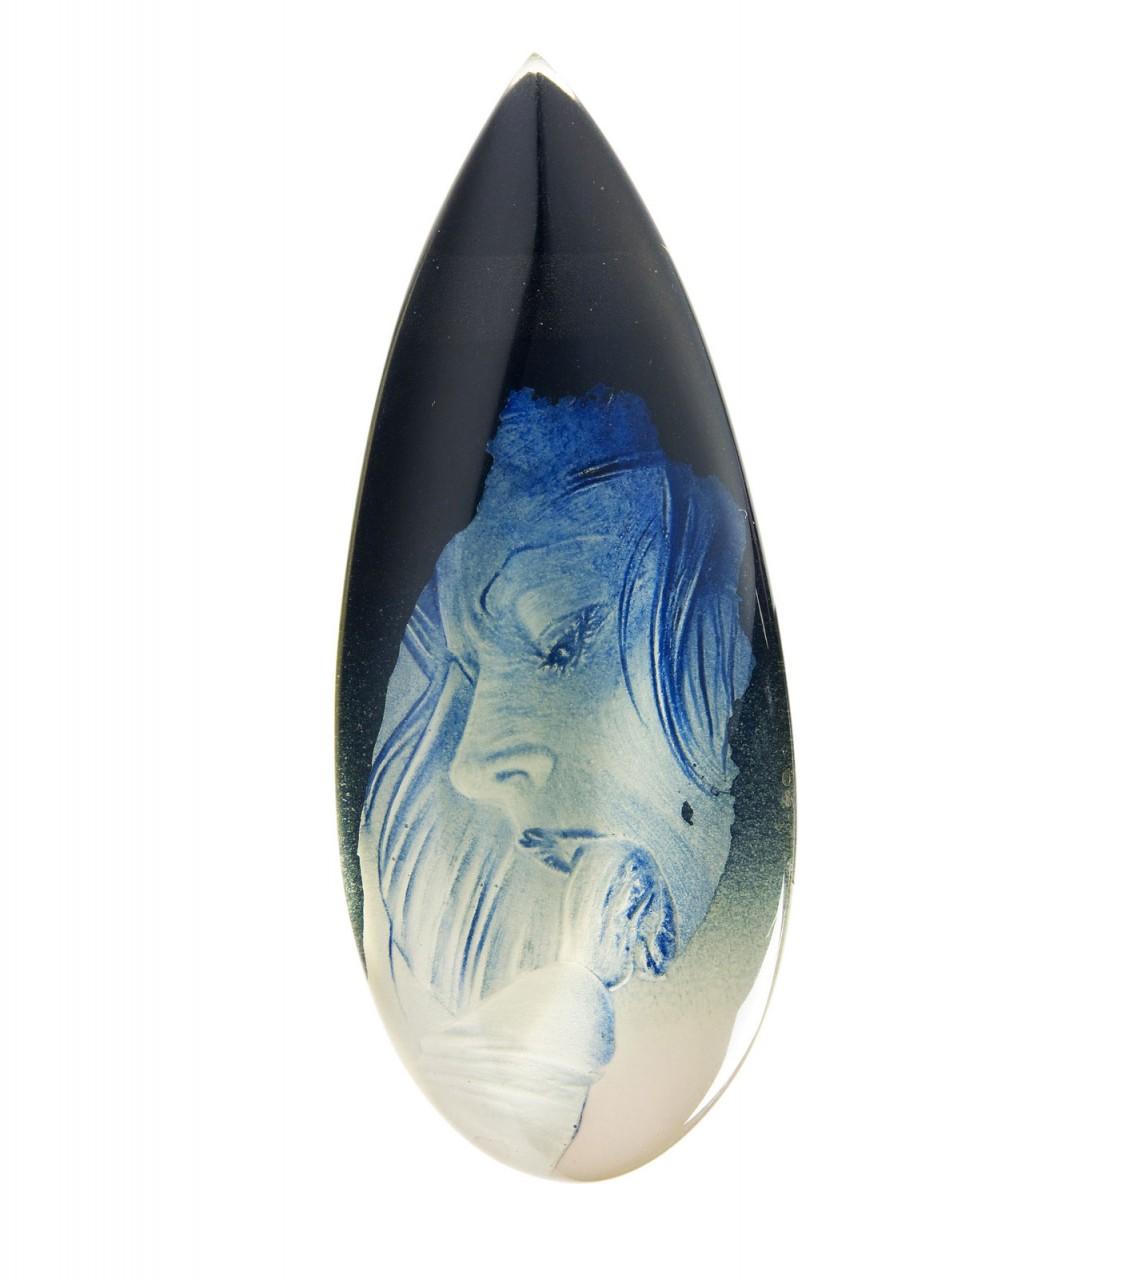 Goccia 2009 - cm 26x10 -  acrylic, epoxy glazing